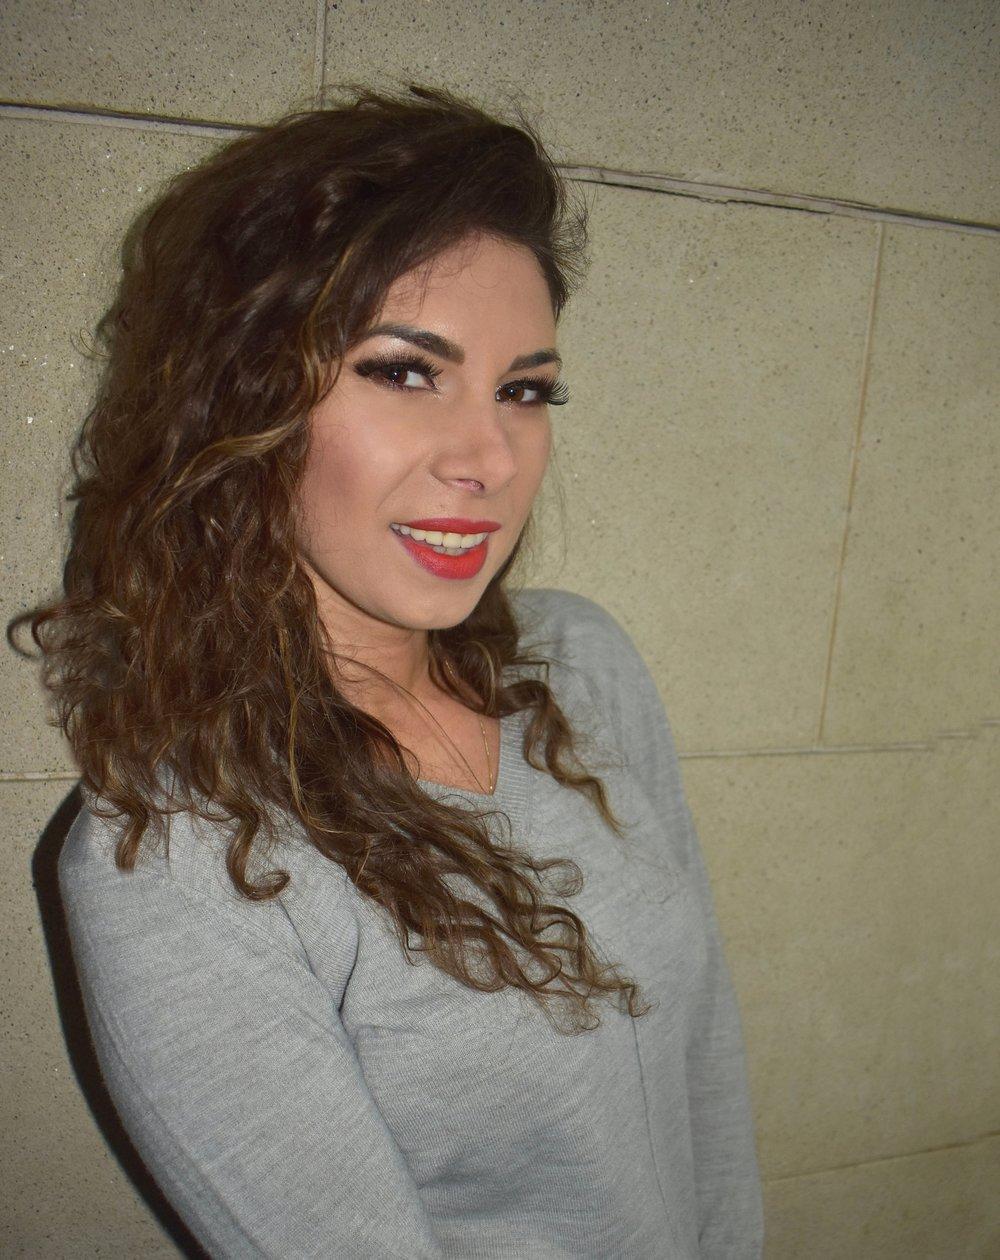 Oana+Profile+.jpg